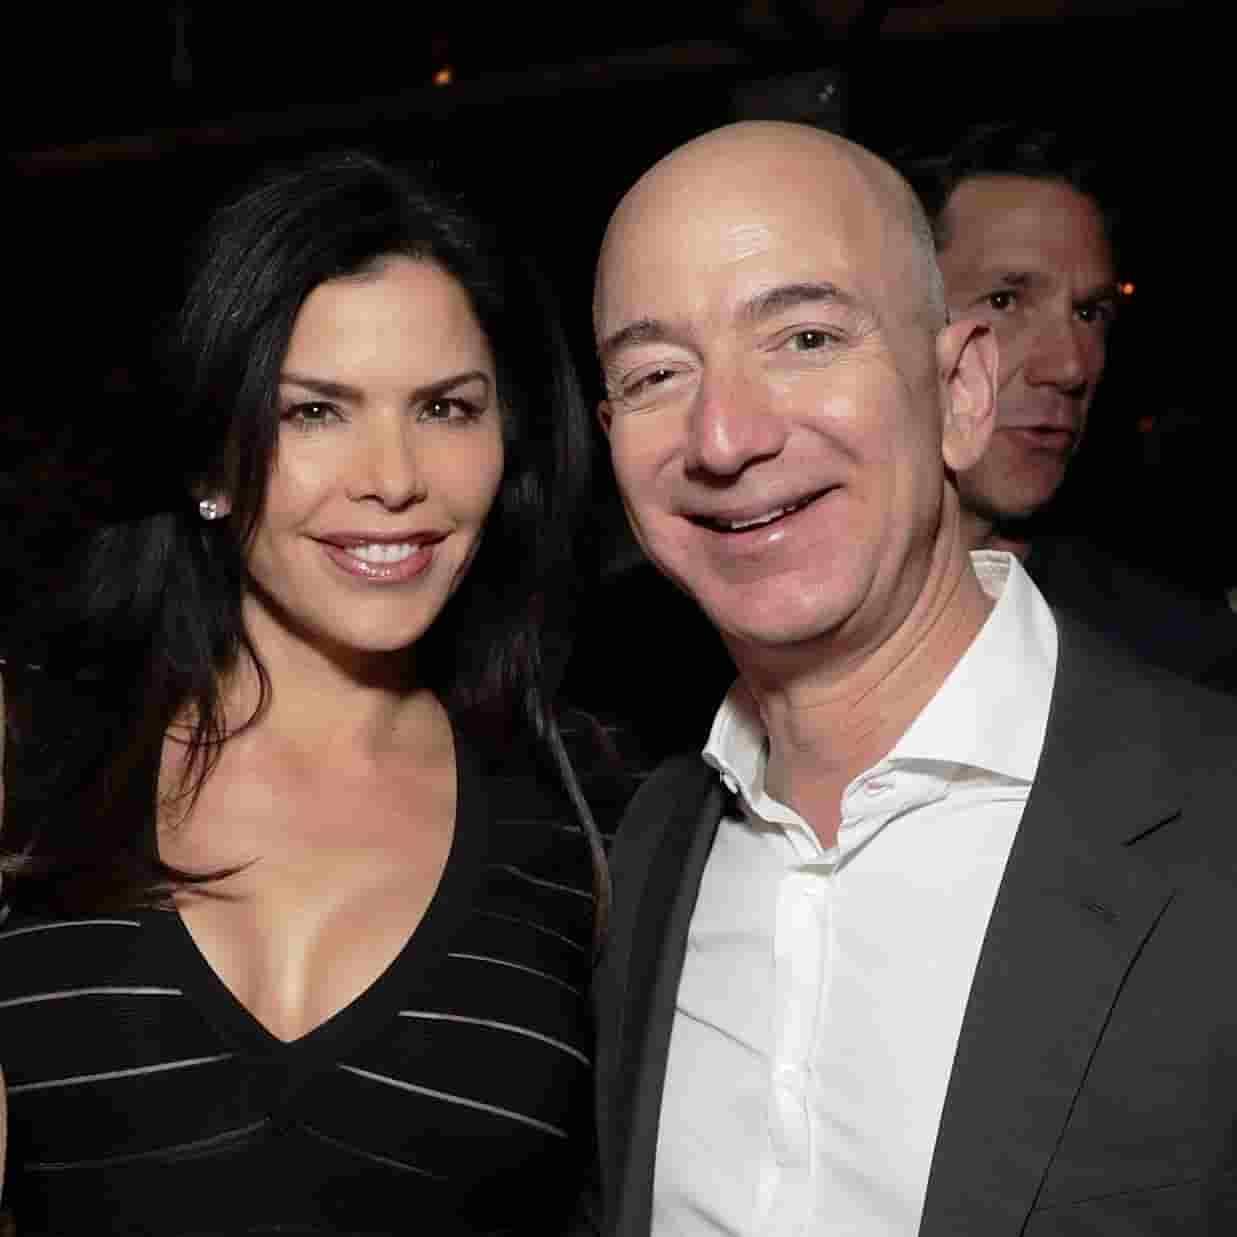 Lauren Sanchez and Jeff Bezos